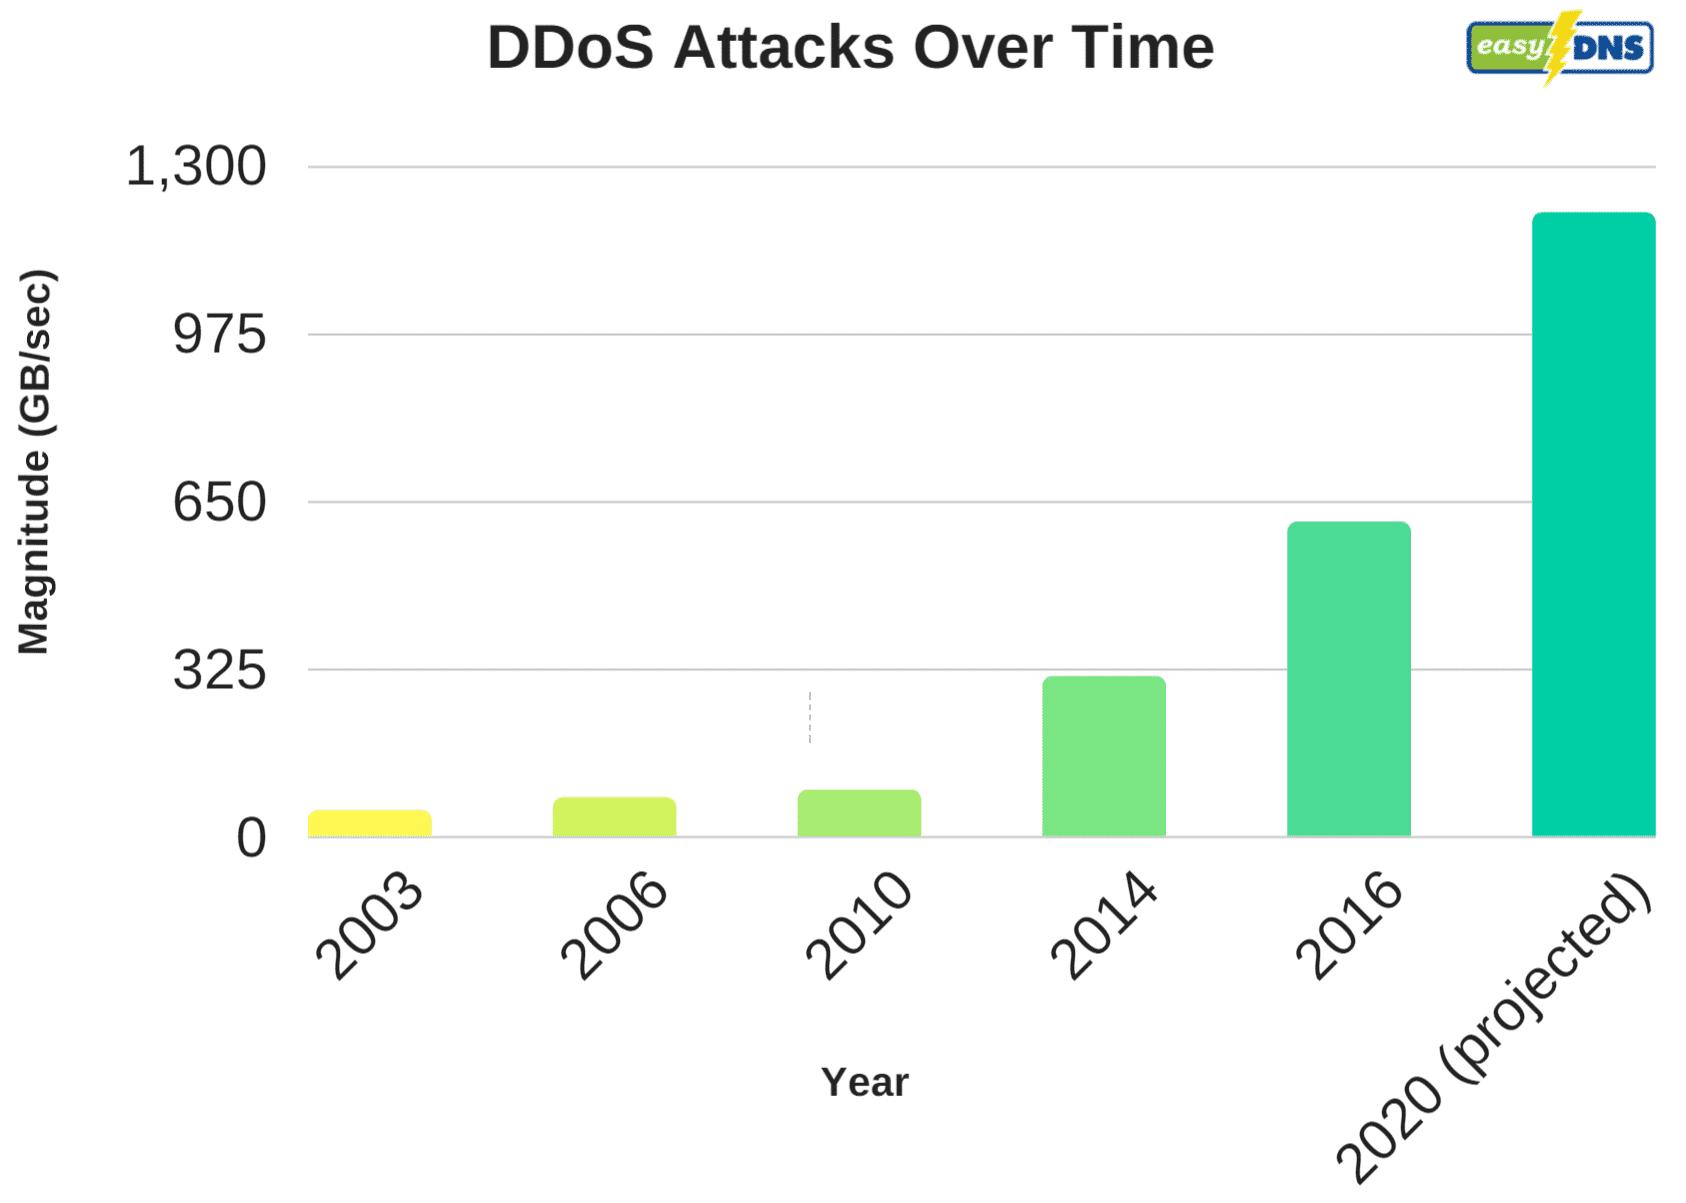 Los ataques DDoS a lo largo del tiempo